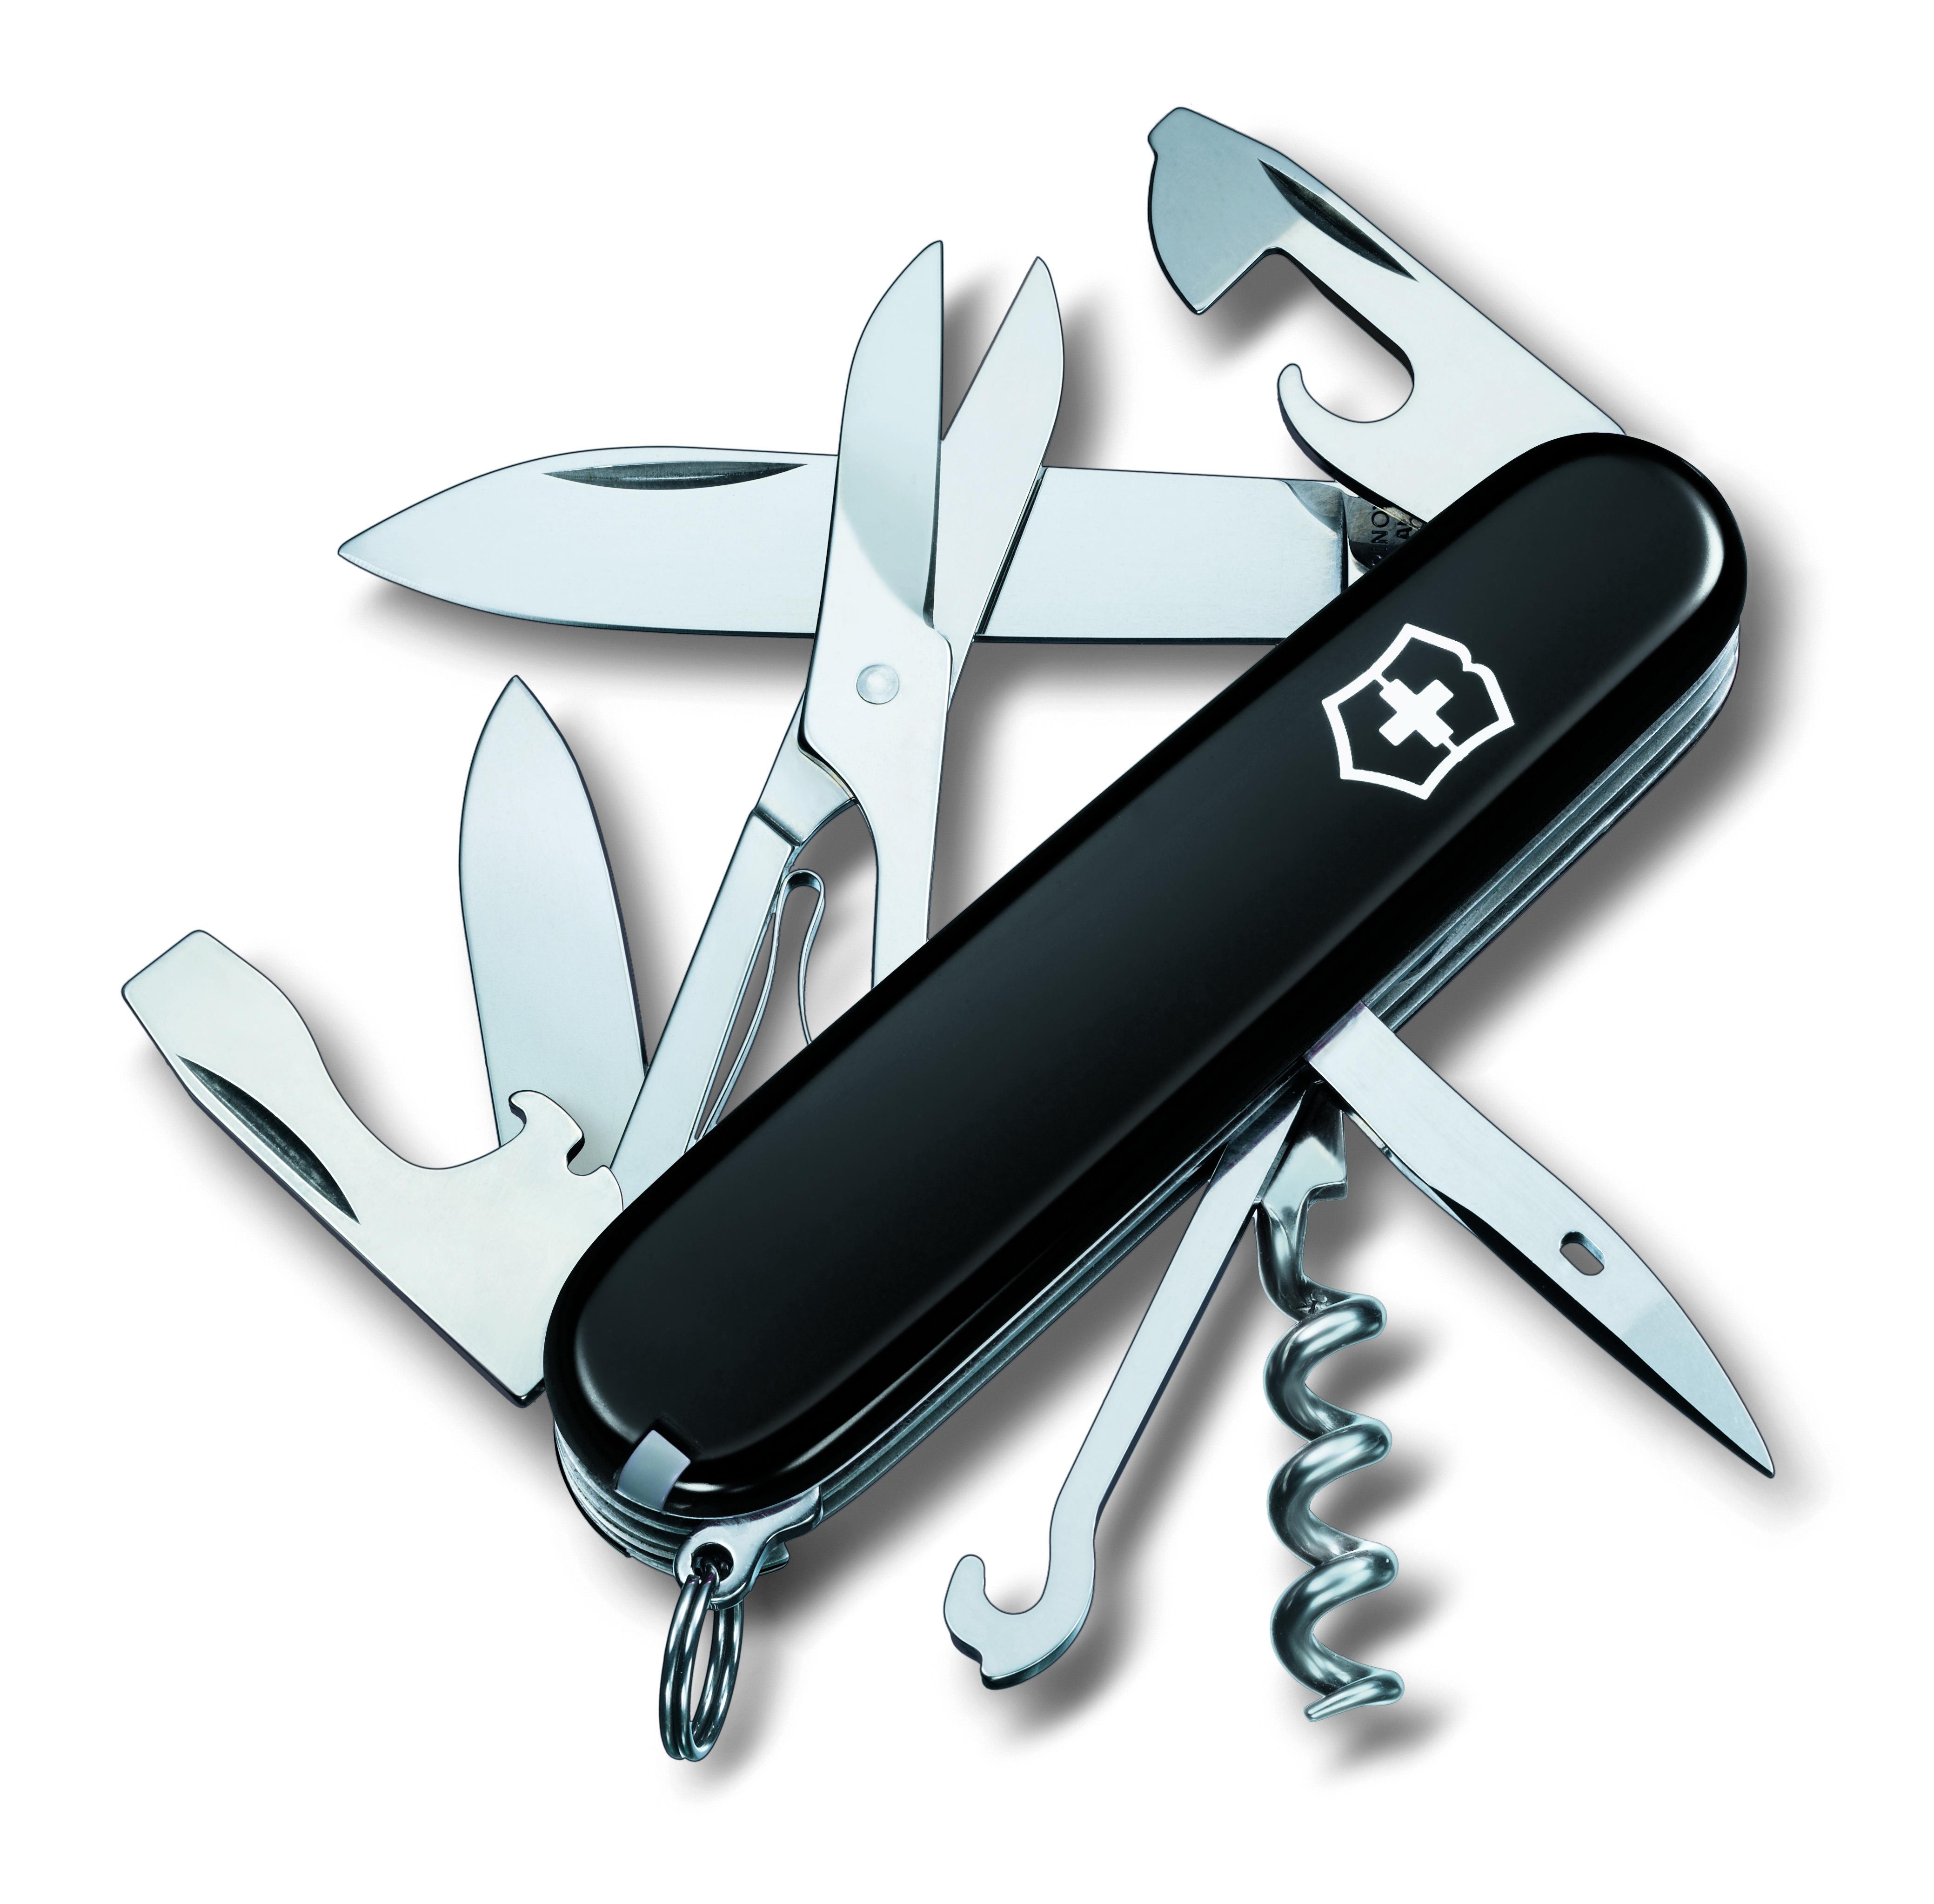 Нож перочинный Victorinox Climber, 14 функций, цвет: черный, длина клинка 68 ммa026124Маленький красный карманный нож с эмблемой креста на щите на рукояти — самый узнаваемый символ компании Victorinox.В 1897 году основатель компани Карл Эльзенер разработал первый «Швейцарский армейский нож».Более 130 лет компания Victorinox разрабатывает продукты,которые не просто уникальны по дизайну и качеству,но и способны стать верными спутниками по жизни как для великих,так и для небольших приключений. VICTORINOXАрт. 1.3703.3Швейцарский армейский нож CLIMBER имеет 14 функций:1. Большое лезвие2. Малое лезвие3. Штопор4. Консервный нож с:5. – Малой отвёрткой6. Открывалка для бутылок с:7. – Отвёрткой8. – Инструментом для снятия изоляции9. Шило, кернер10. Кольцо для ключей11. Пинцет12. Зубочистка13. Ножницы14. Многофункциональный крючокЦвет рукояти: чёрныйРекомендуемые чехлы: 4.0480.1, 4.0480.3, 4.0520.1, 4.0520.3, 4.0520.31, 4.0520.32, 4.0543.3, 4.0533Рекомендуемые аксессуары:Инструмент для заточки: 4.3311, 4.3323, 4.0567.32Держатели на ремень: 4.1853, 4.1858, 4.1859, 4.1860Цепочки длинные: 4.1813, 4.1814, 4.1815Цепочки короткие: 4.1820Комбинированные цепочки: 4.1854Шнурок с карабином: 4.1879Масло смазочное: 4.3301